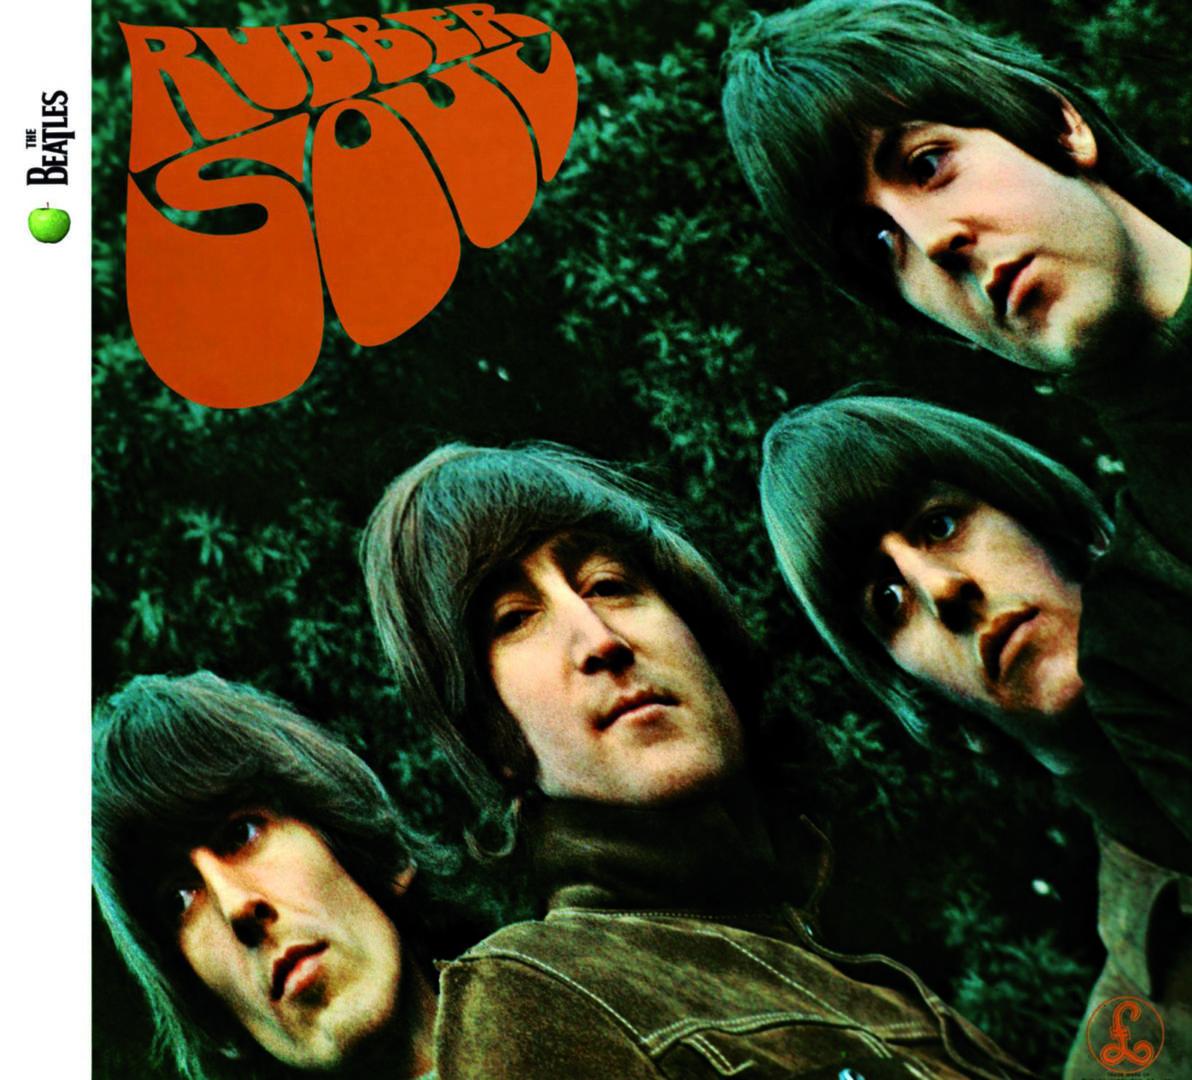 Wunderbar: Rubber Soul (1965)